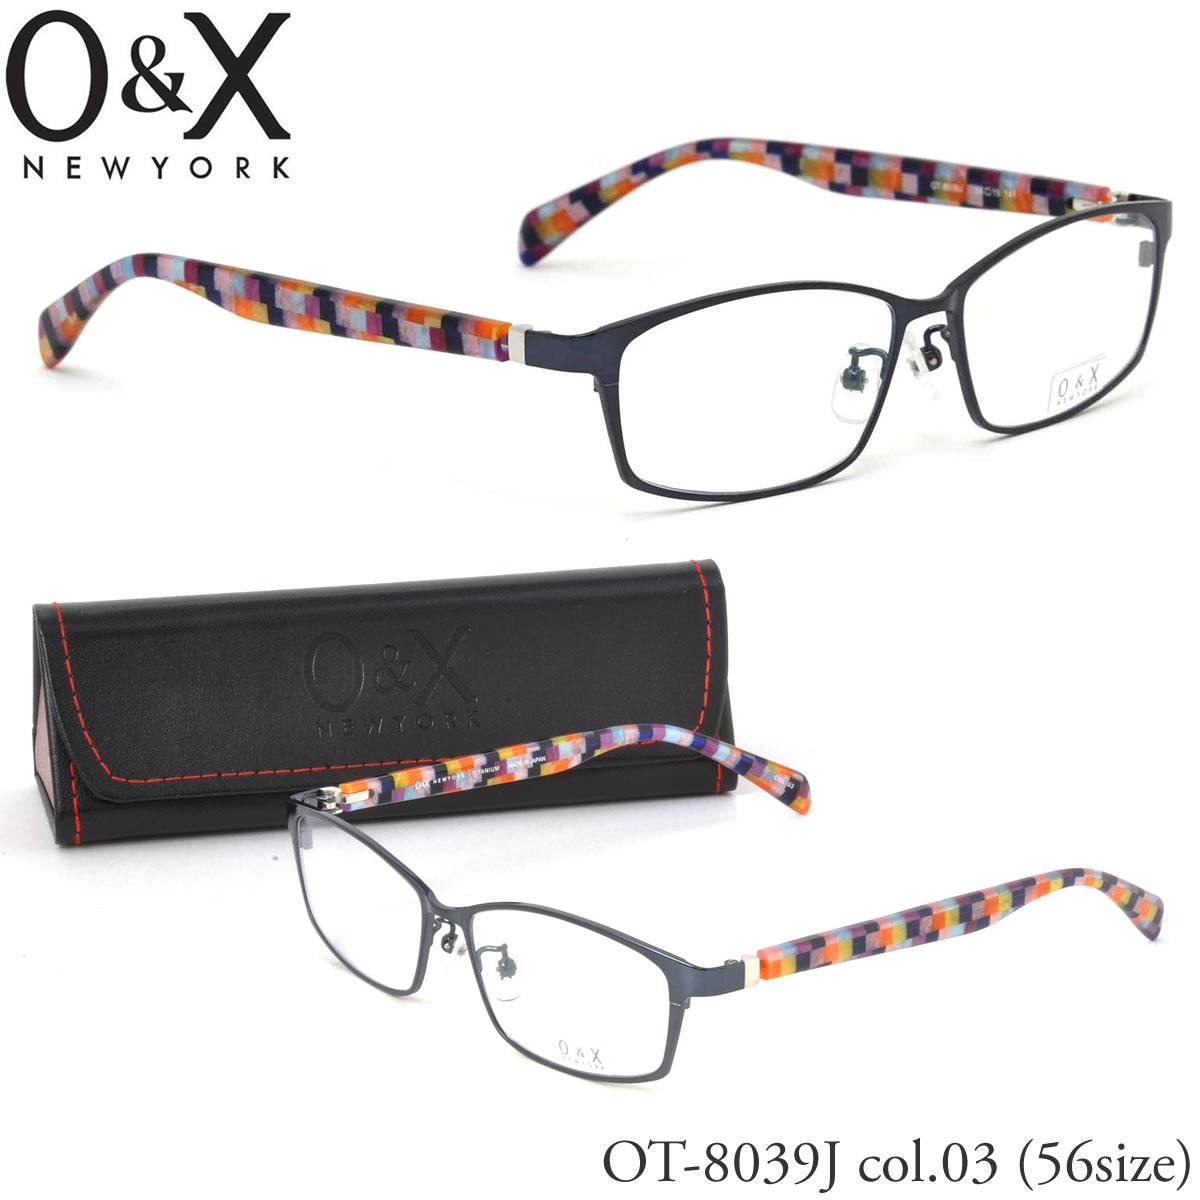 【10月30日からエントリーで全品ポイント20倍】【O&X】(オーアンドエックス) メガネ フレーム OT 8039J 03 56サイズ スクエア βTITANIUM ベータチタン シートメタル 板バネ 日本製 オーアンドエックス O&X メンズ レディース